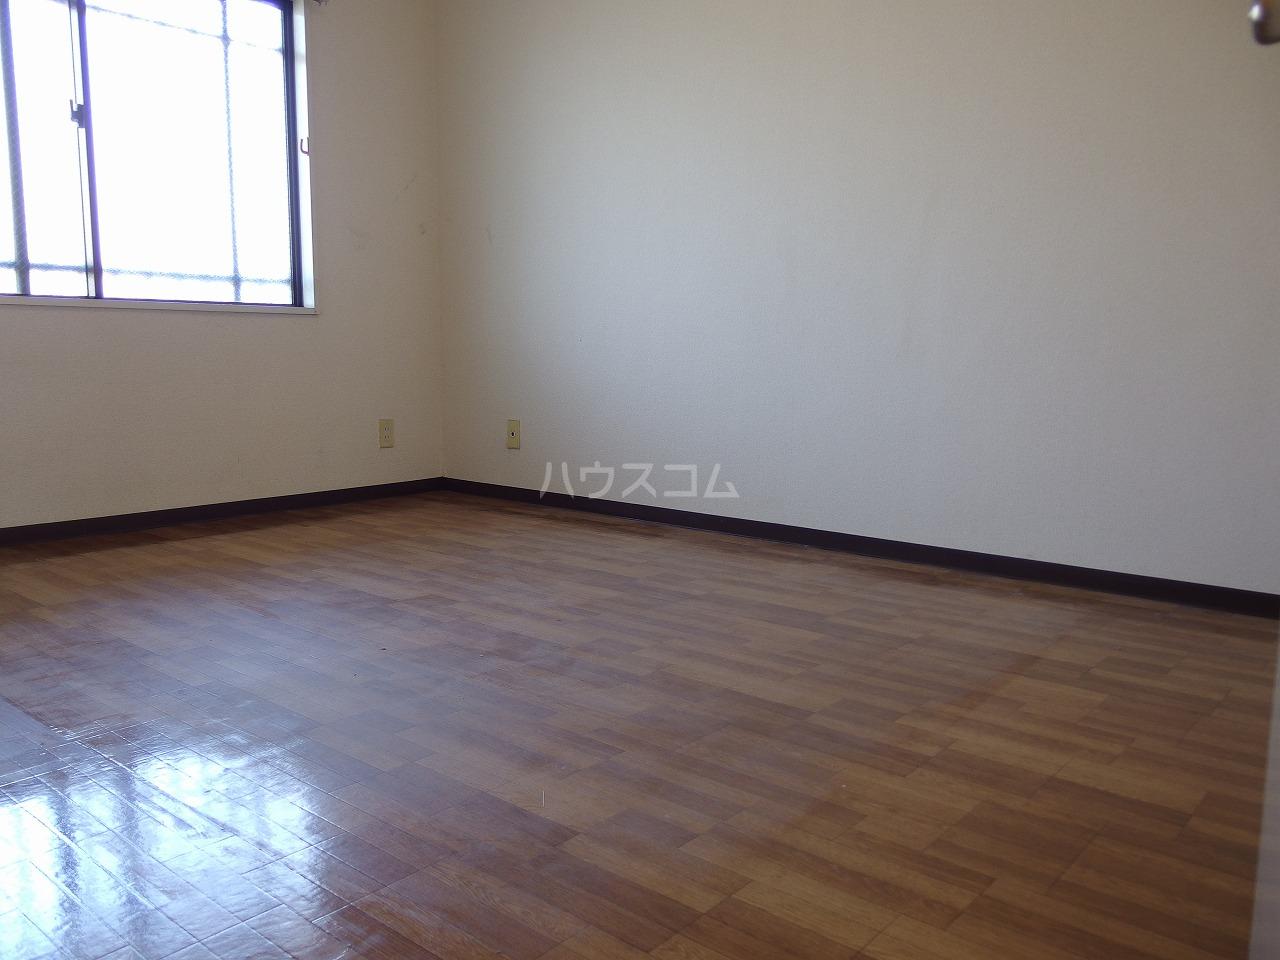 ロータスハイム 301号室の居室